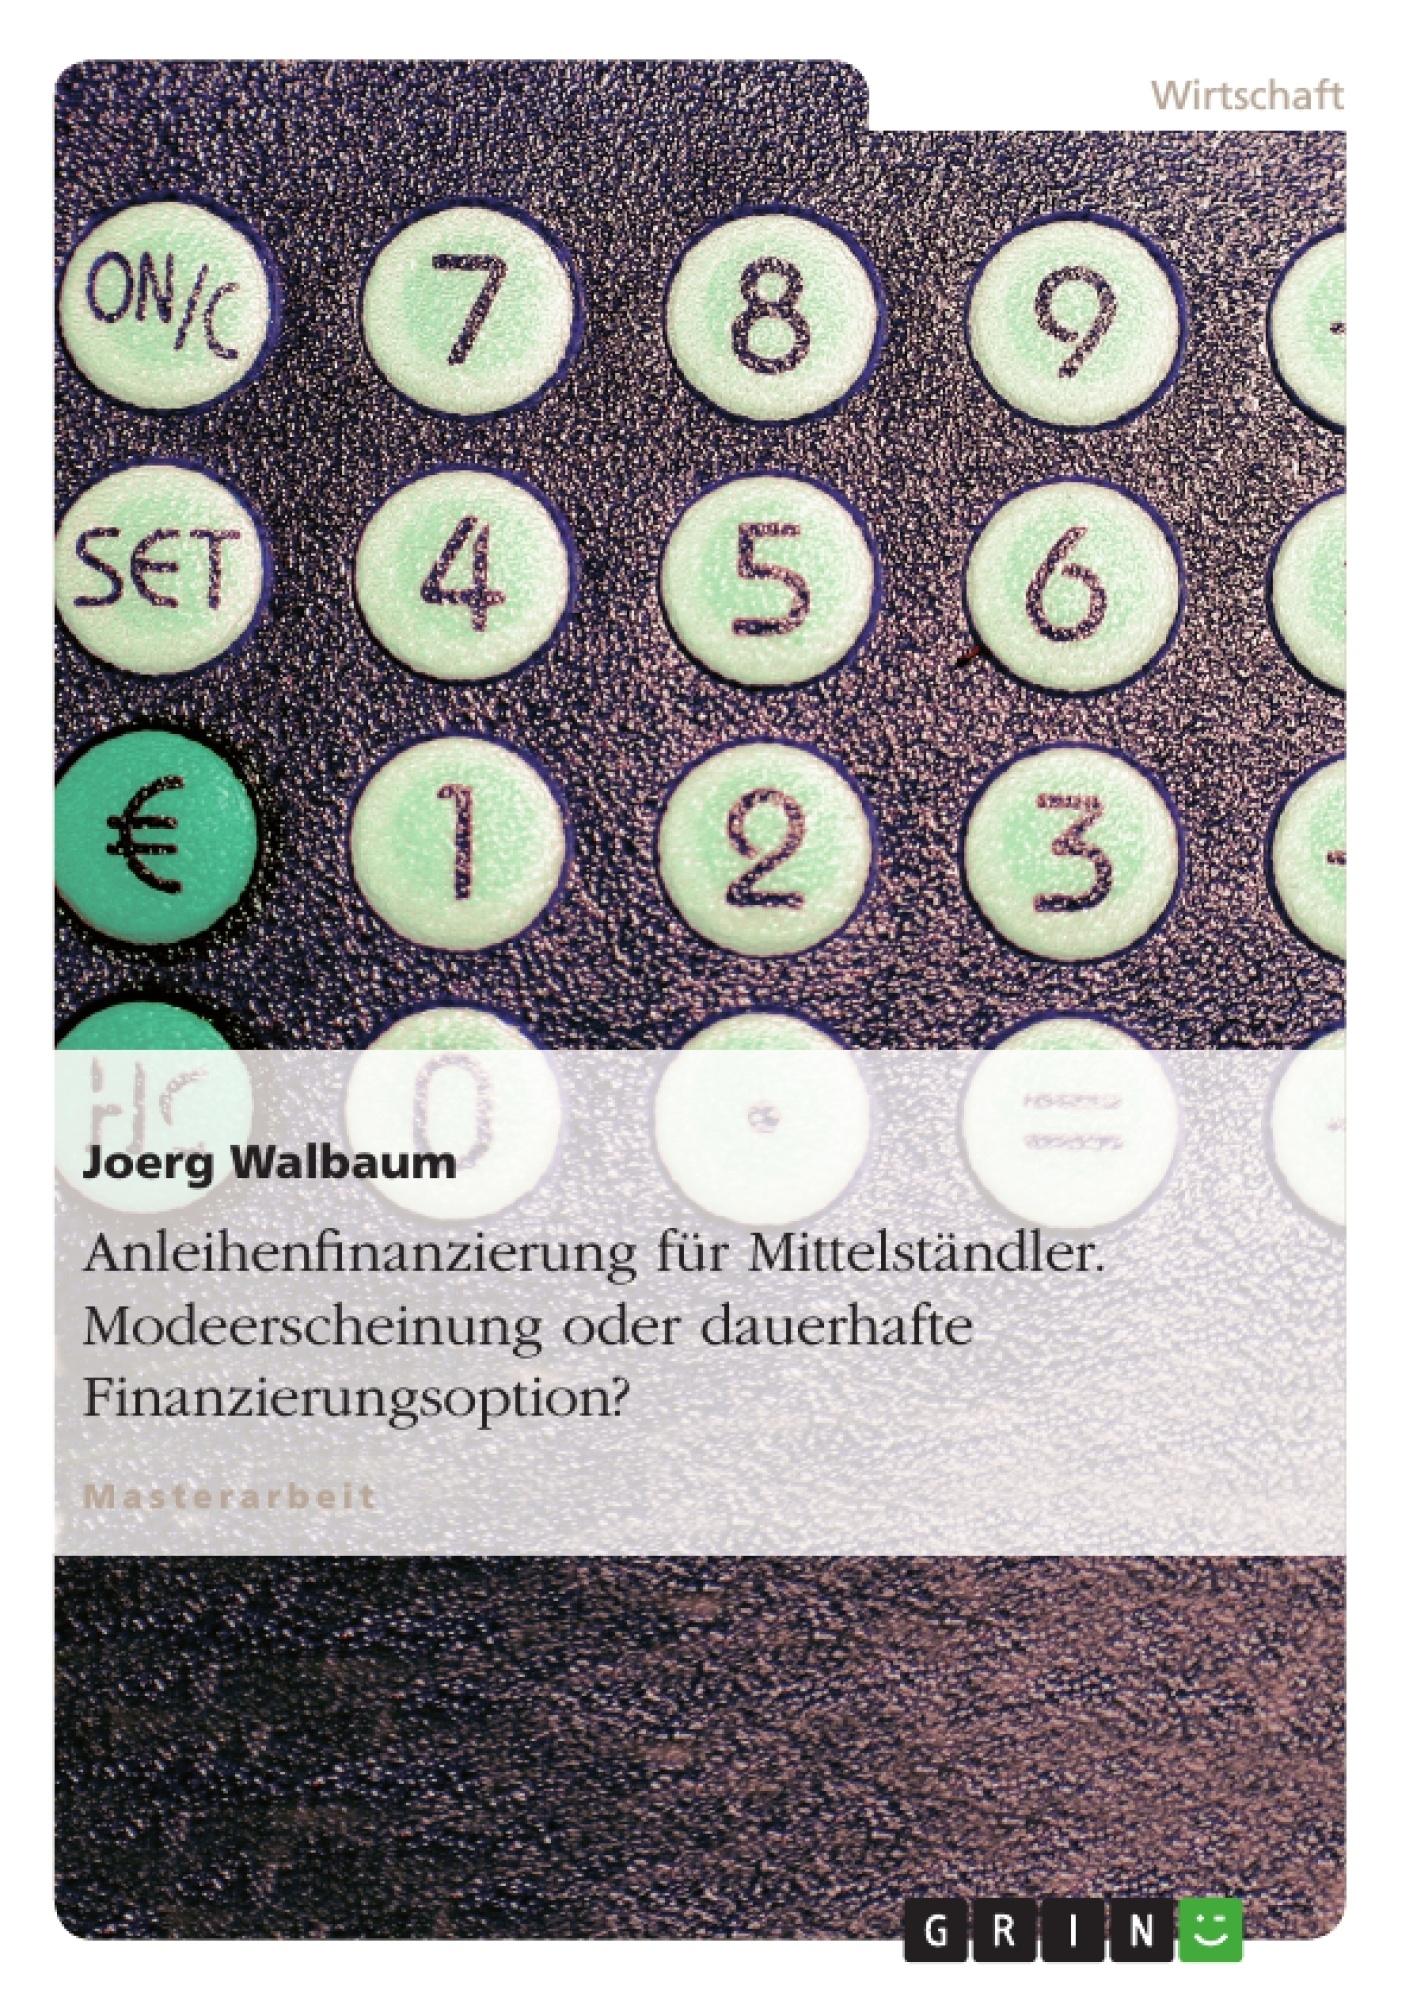 Titel: Anleihenfinanzierung für Mittelständler. Modeerscheinung oder dauerhafte Finanzierungsoption?